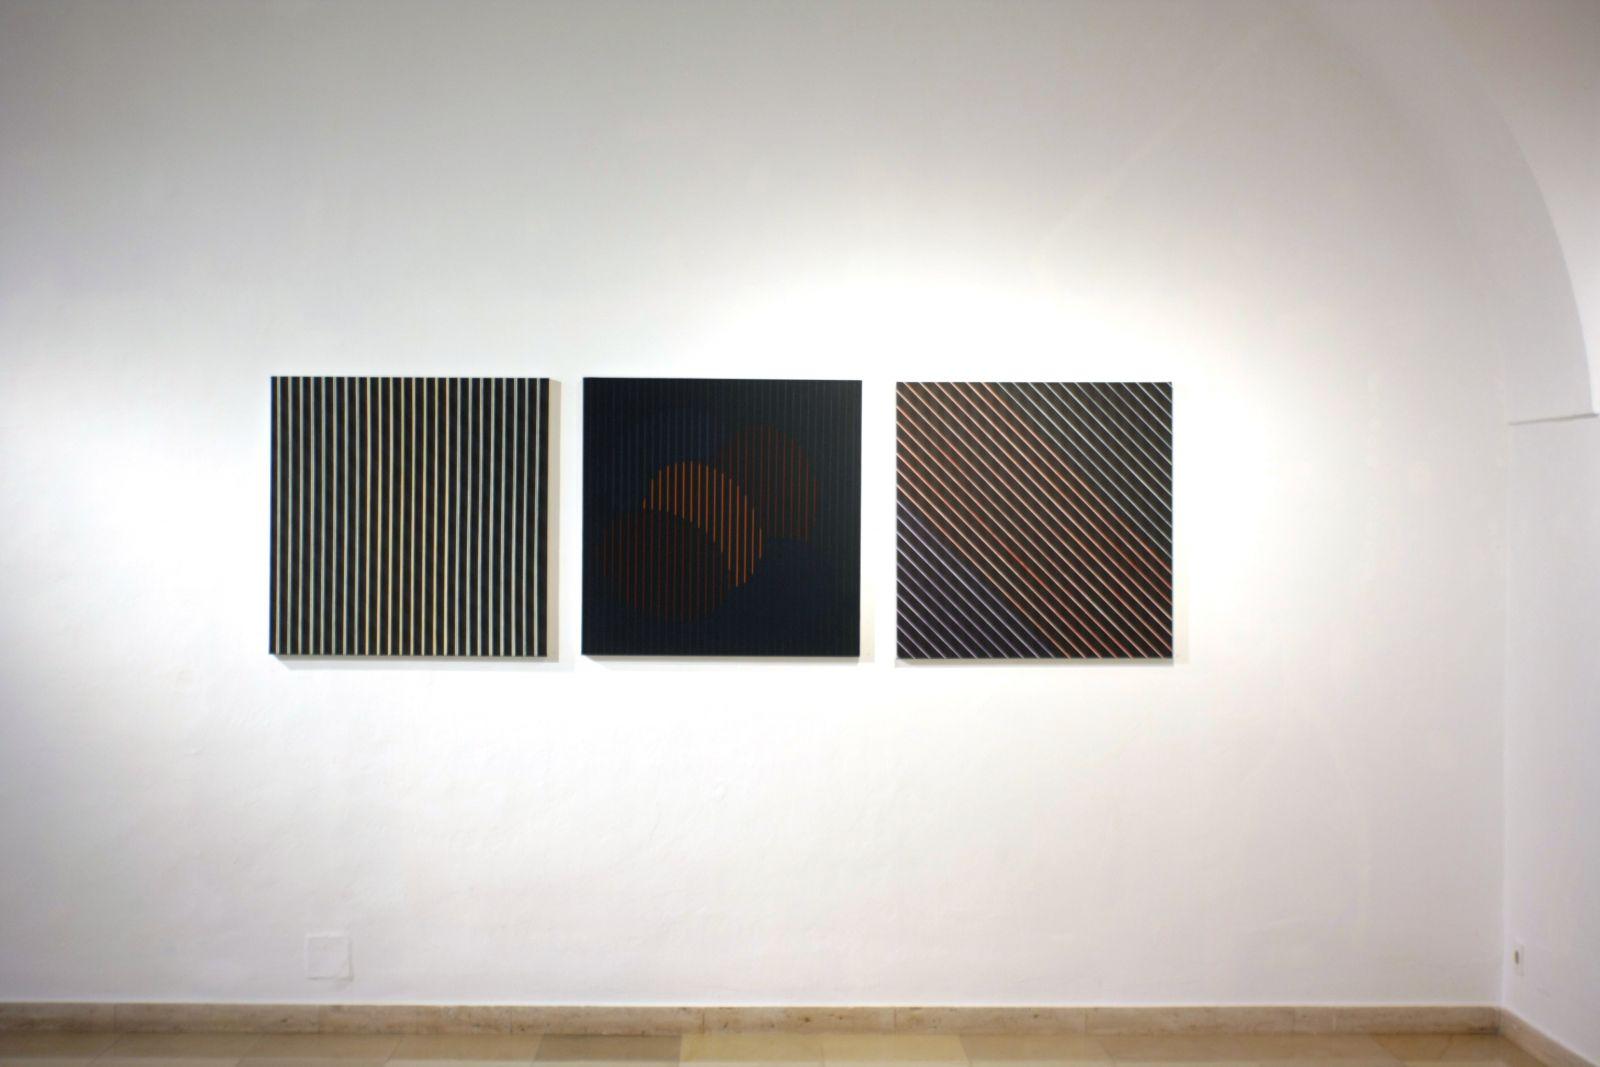 Oberösterreichischer Kunstverein - Christian Eder